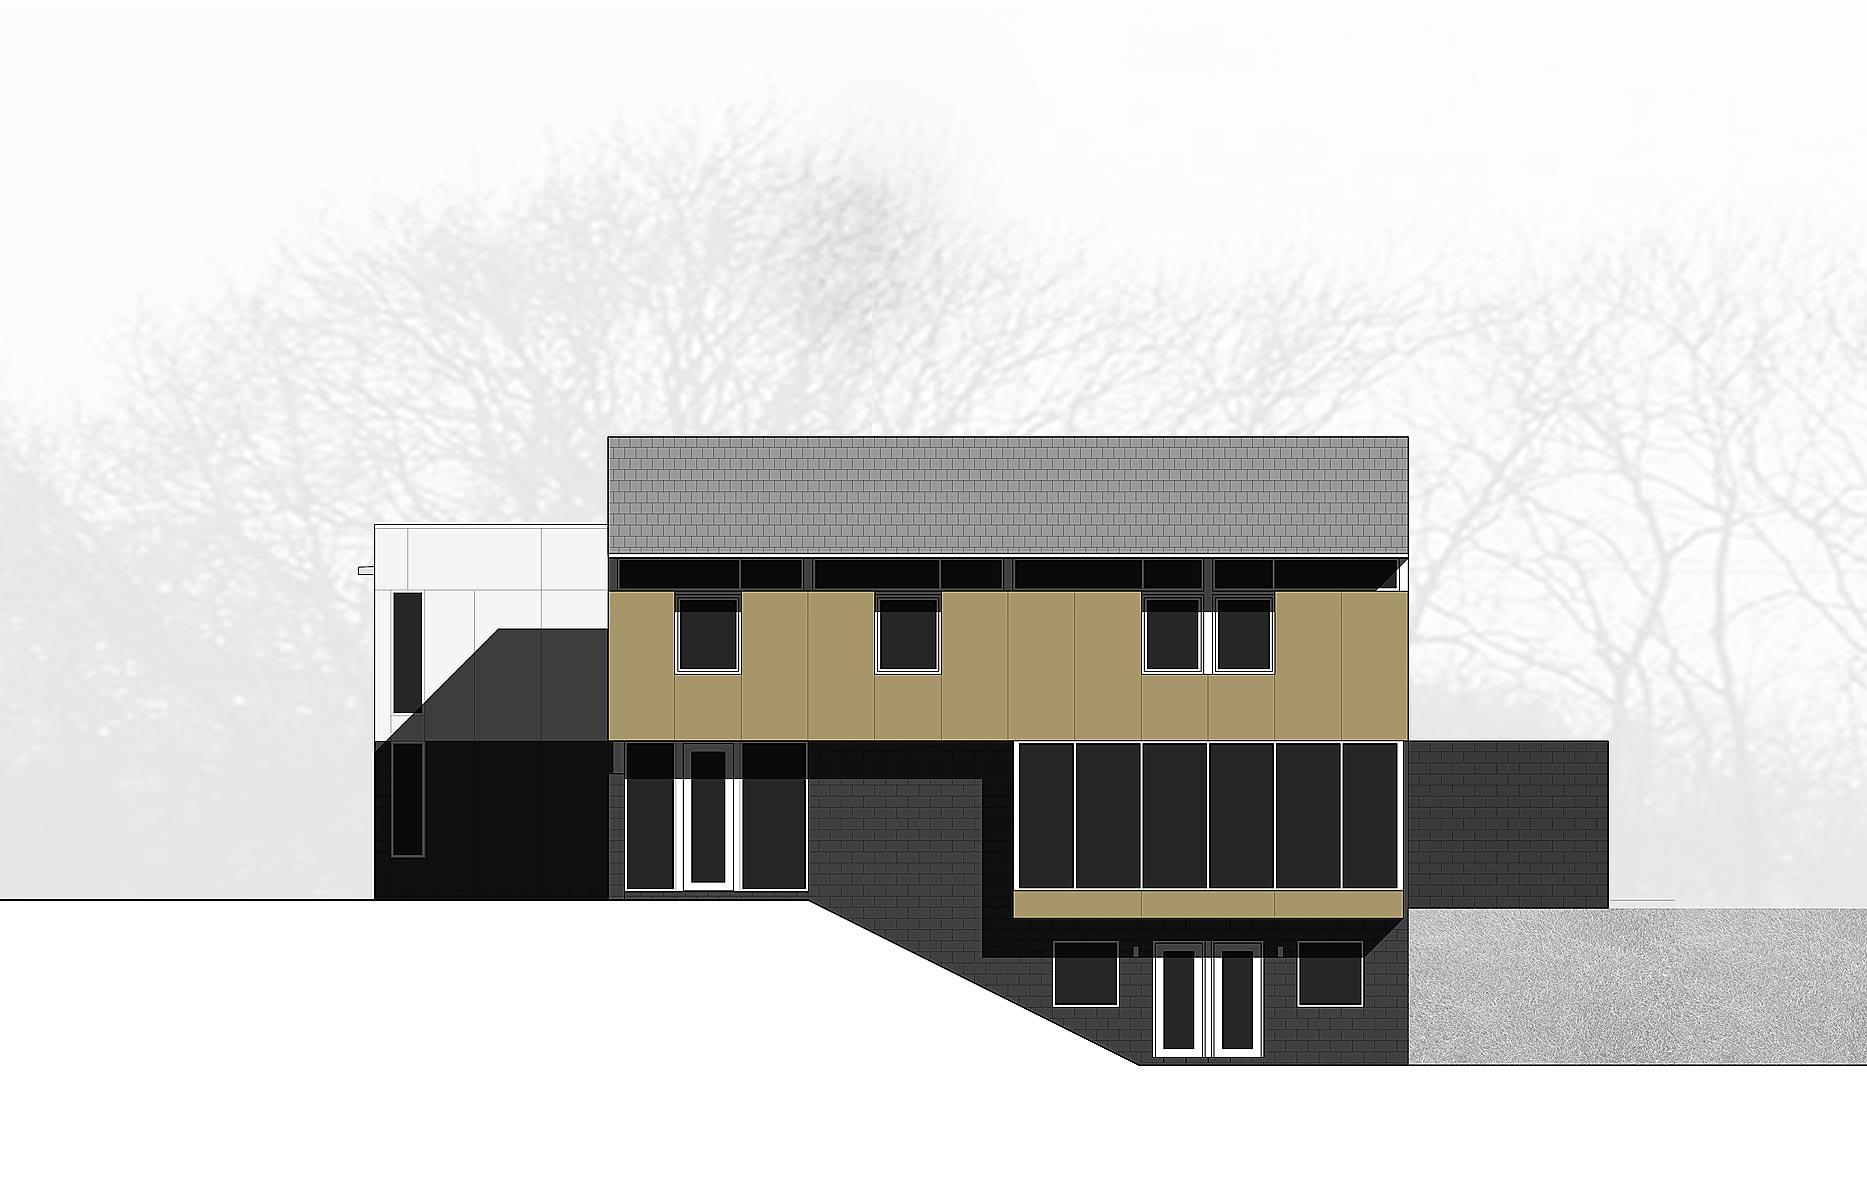 ALTUS-minnetonka-residence-west-elevation.jpg